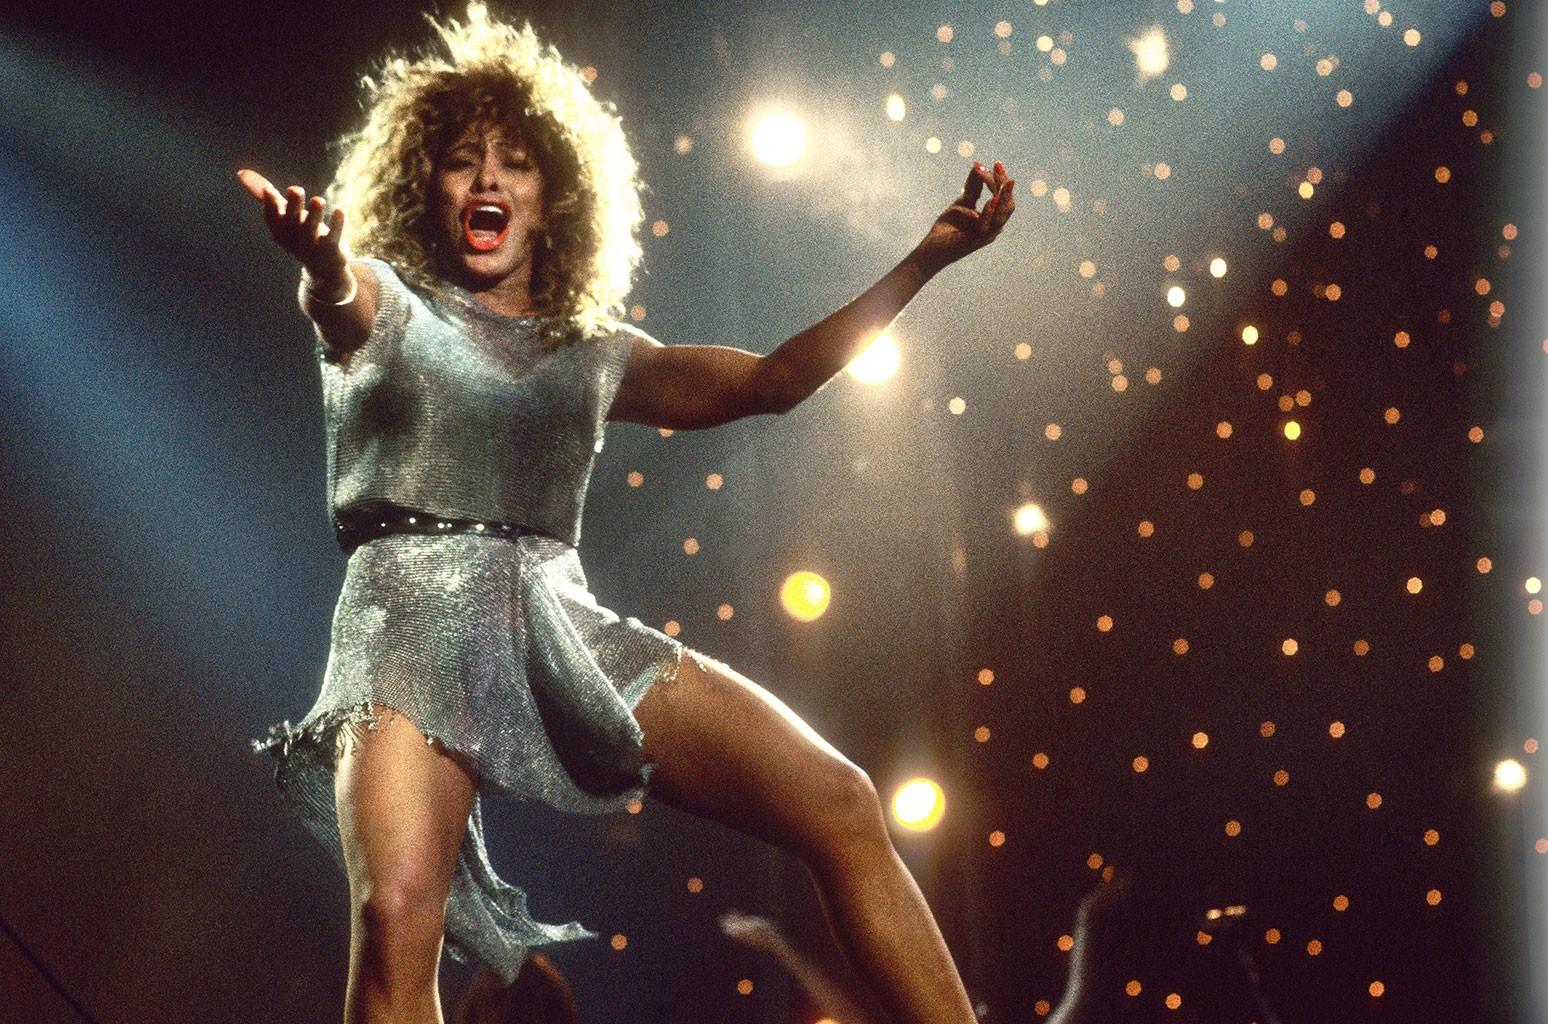 Rock and Roll'un kraliçesi Tina Turner'ın hayatı belgesel oluyor - Fotoğraf Galerisi